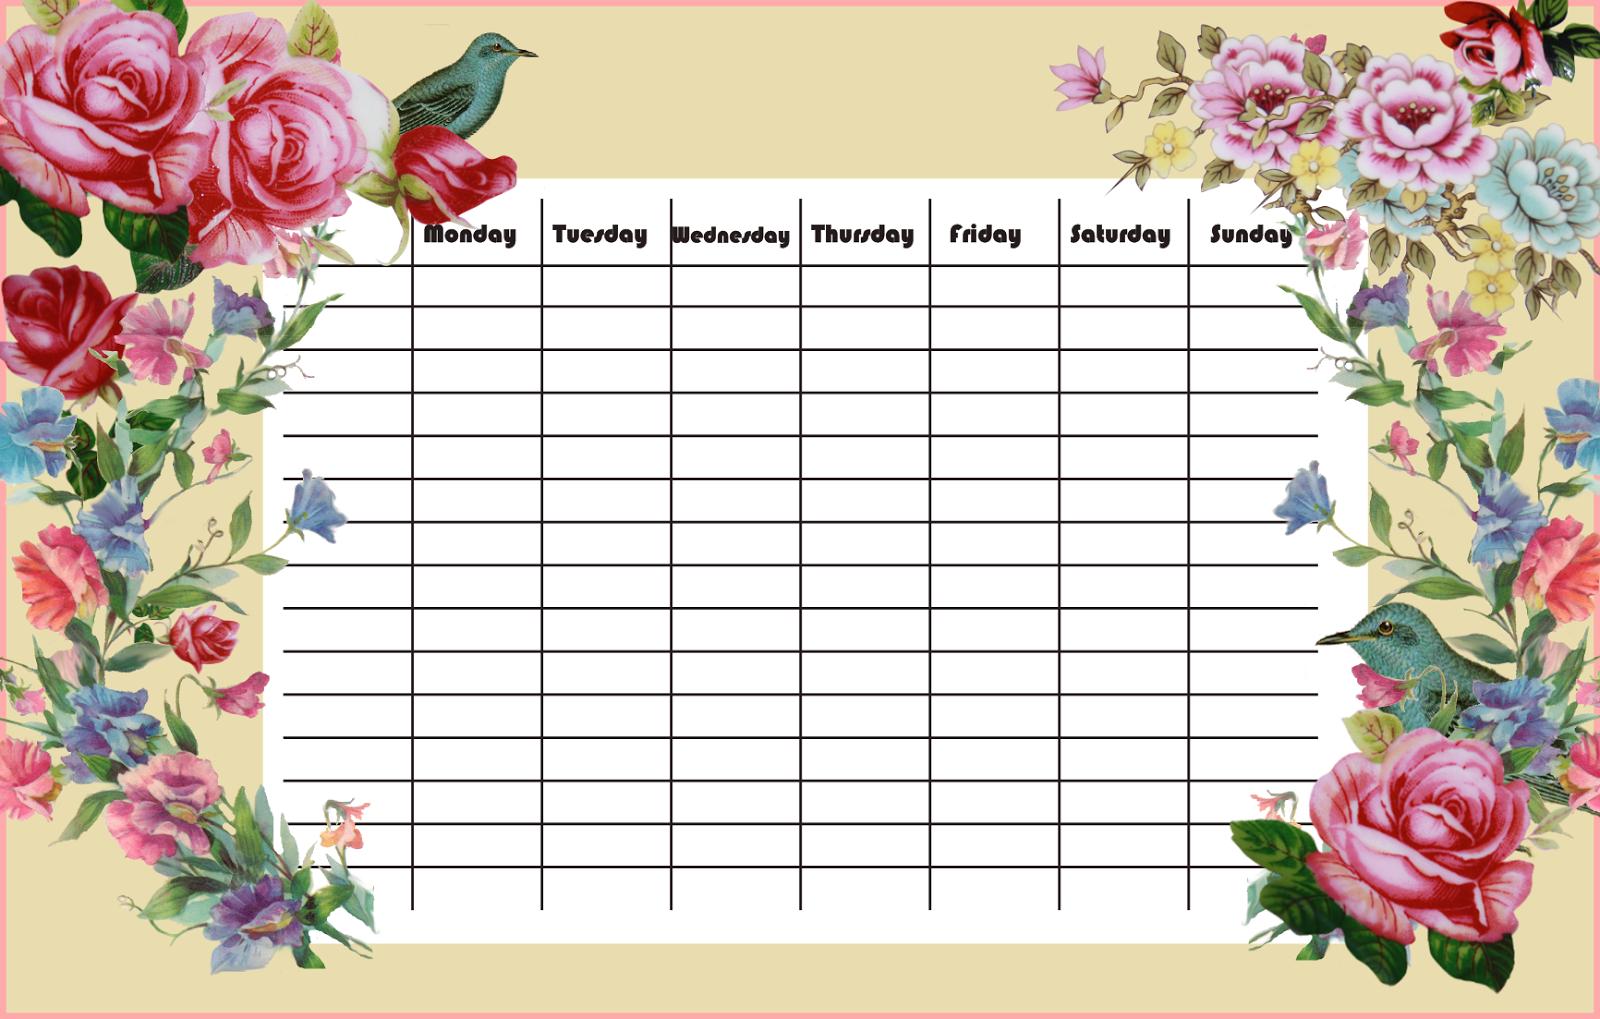 free printable joyous schedule in vintage style ...